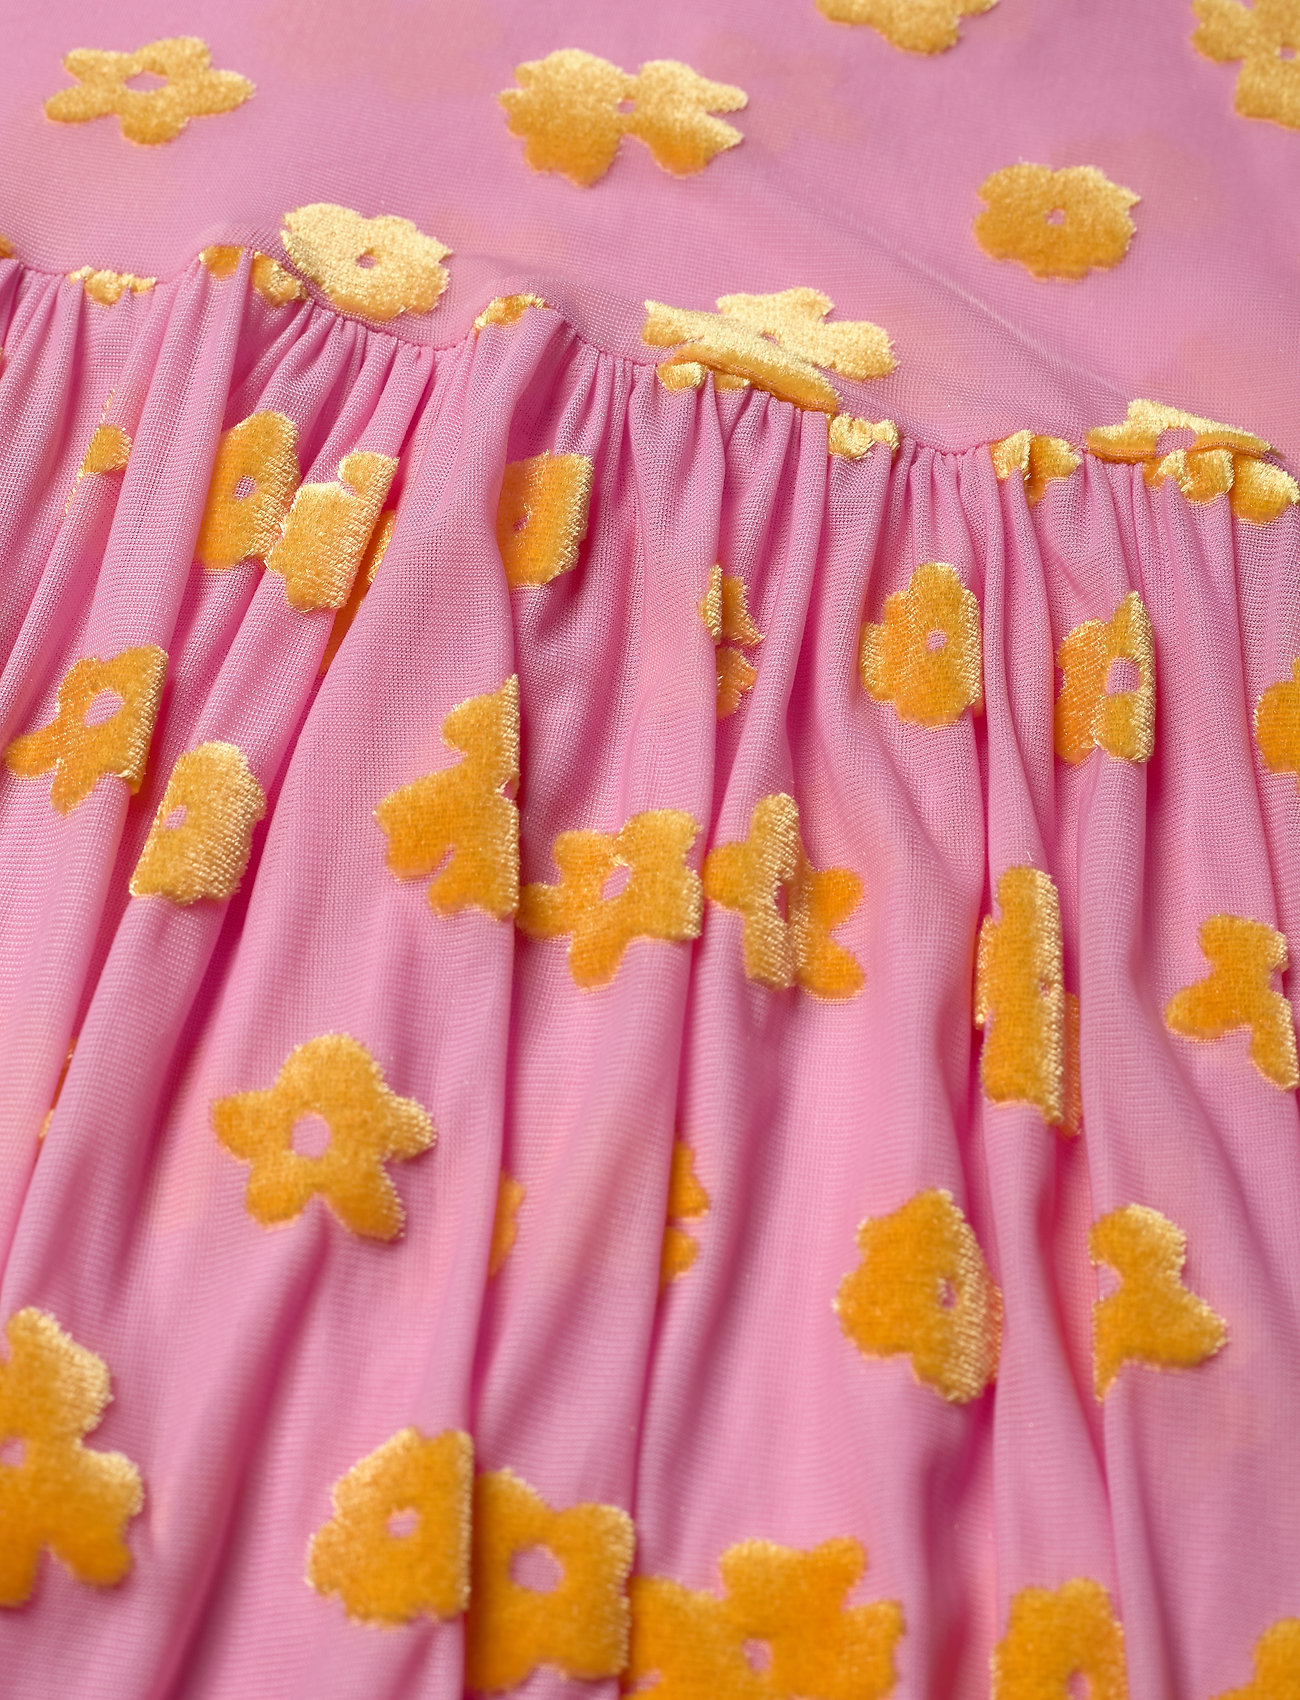 STINE GOYA - Juliana, 773 Velvet Devore - festkjoler - daisy pink - 3